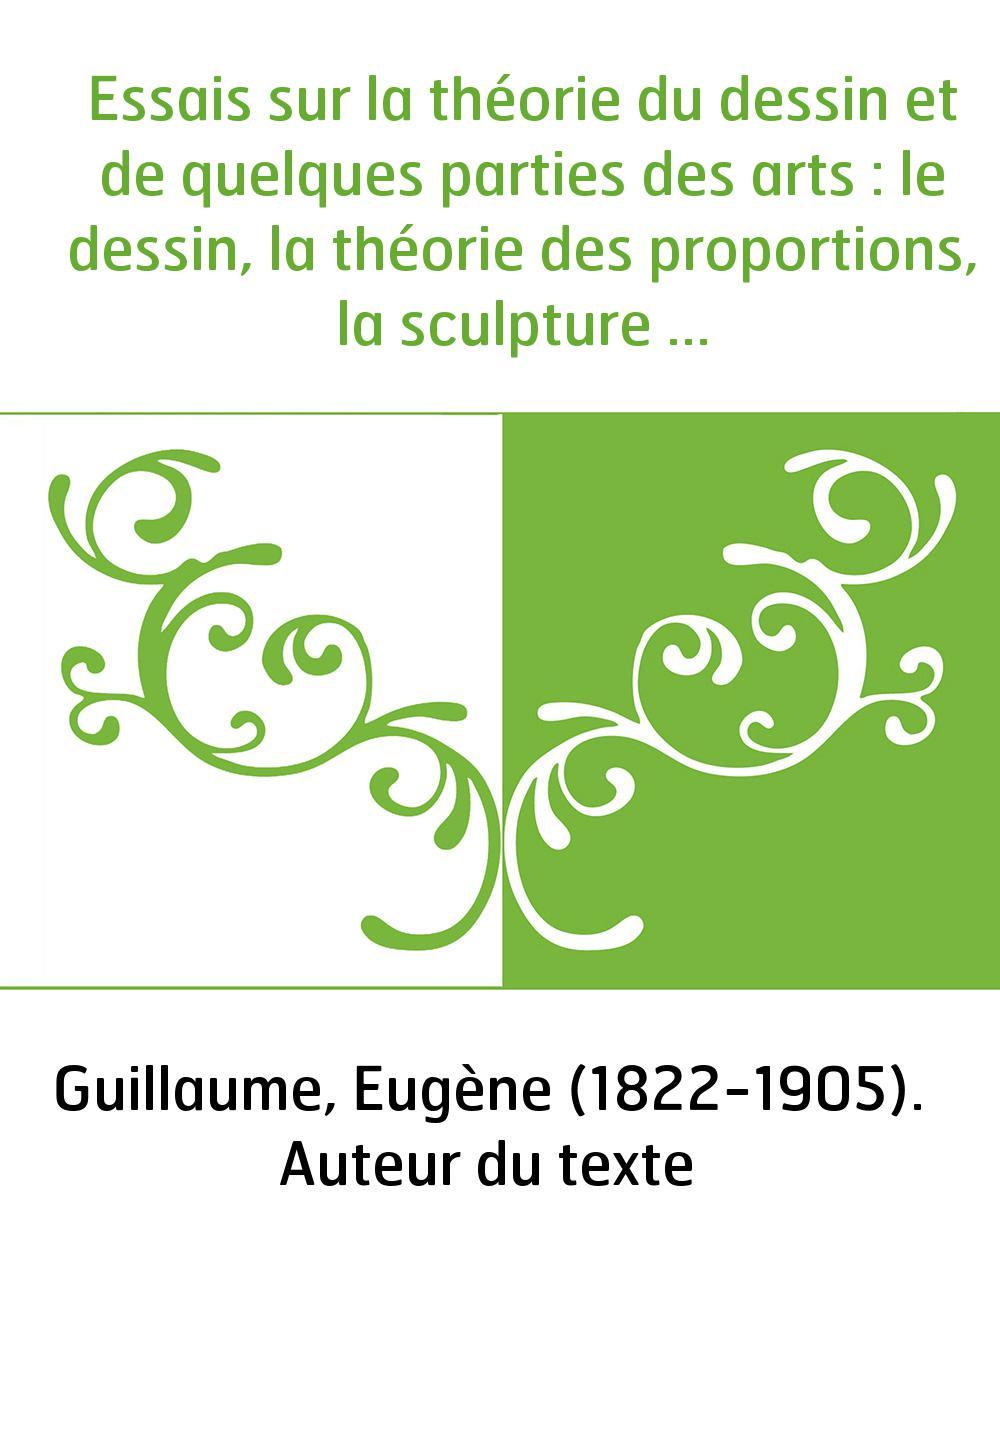 Essais sur la théorie du dessin et de quelques parties des arts : le dessin, la théorie des proportions, la sculpture en bronze,